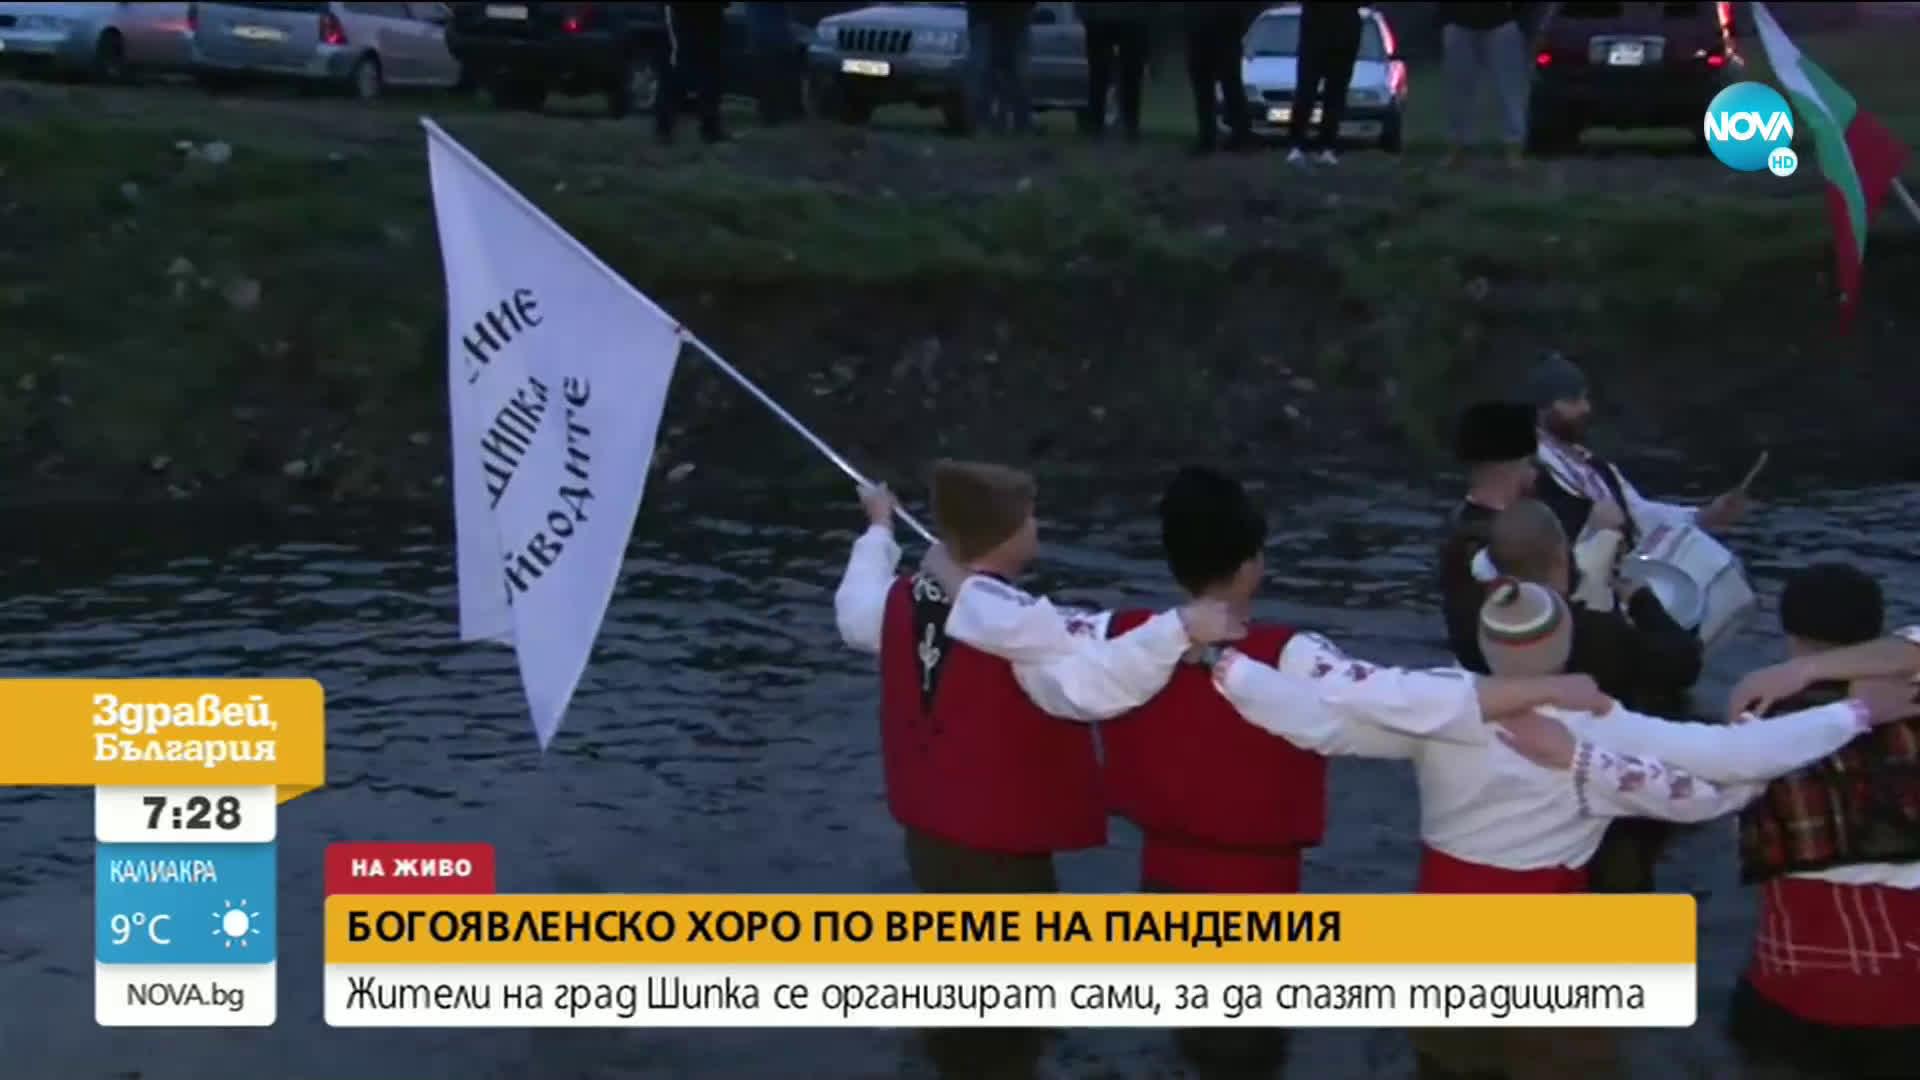 БОГОЯВЛЕНСКО ХОРО: В Шипка се организираха сами, за да спазят традицията